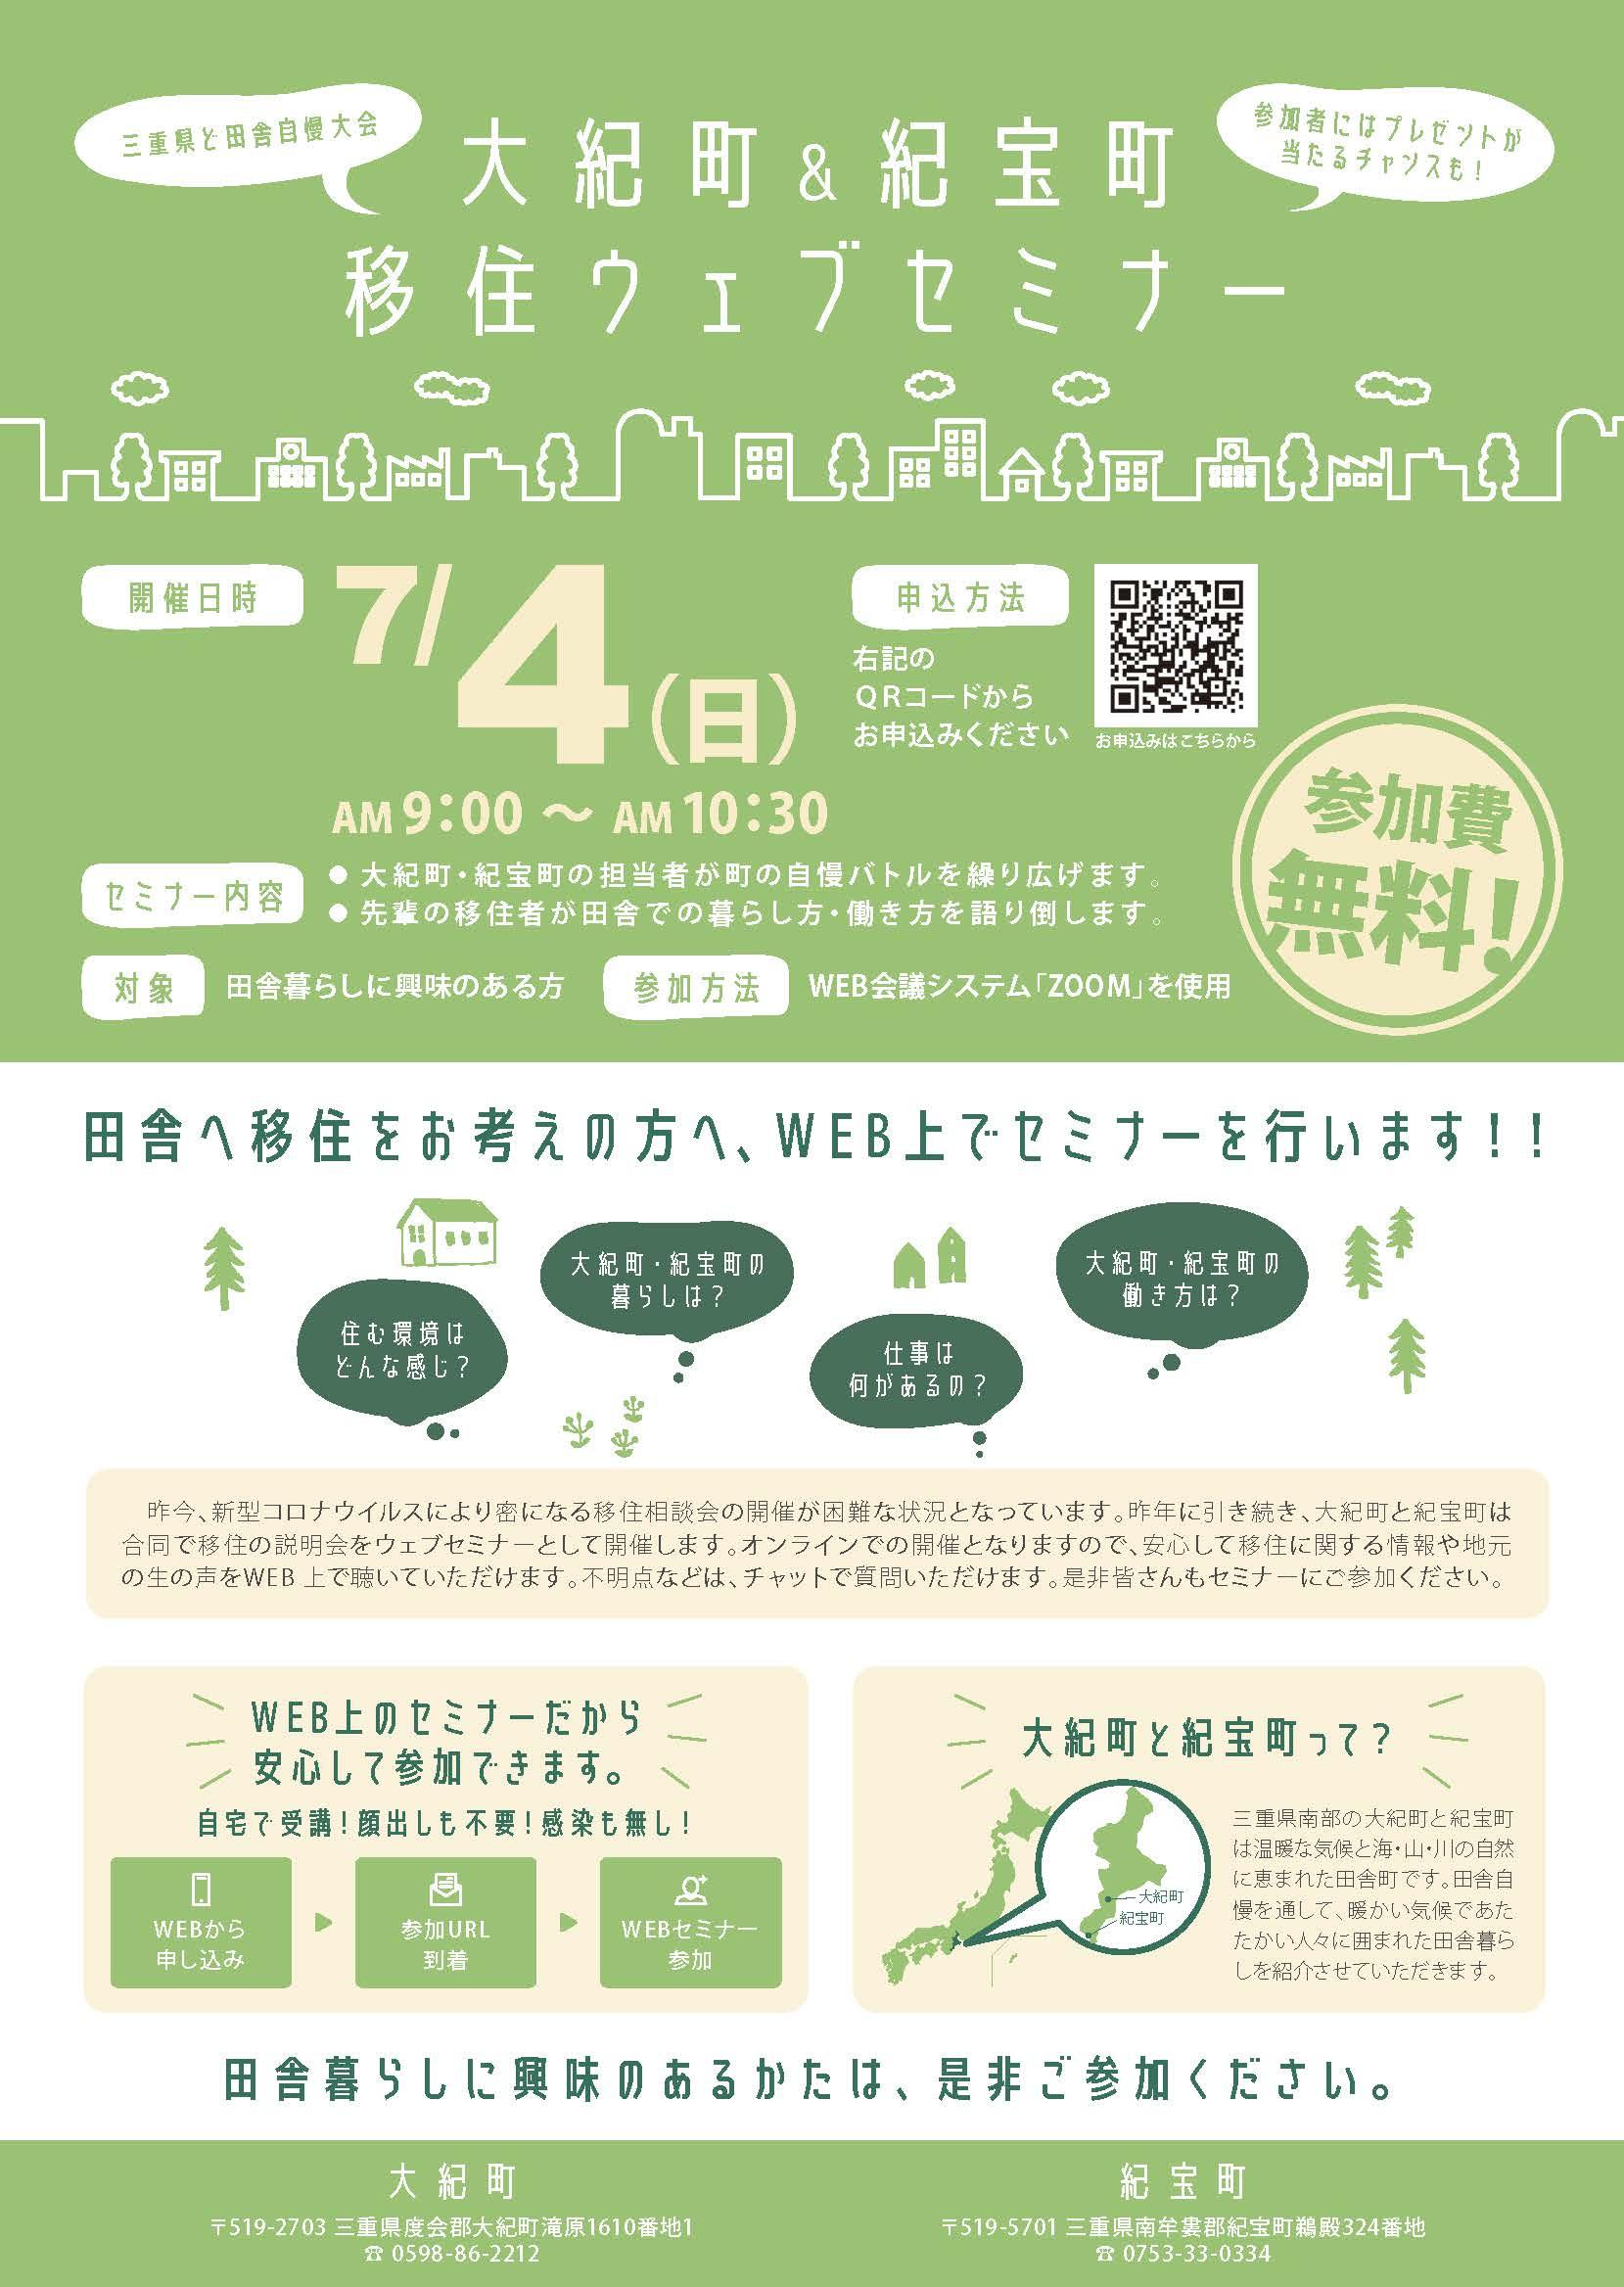 (終了しました)【オンライン開催(Zoom)/7月4日(日)】大紀町と紀宝町の移住ウェブセミナー ~先輩移住者が語る!田舎での暮らし方・働き方~が開催されます!_写真1